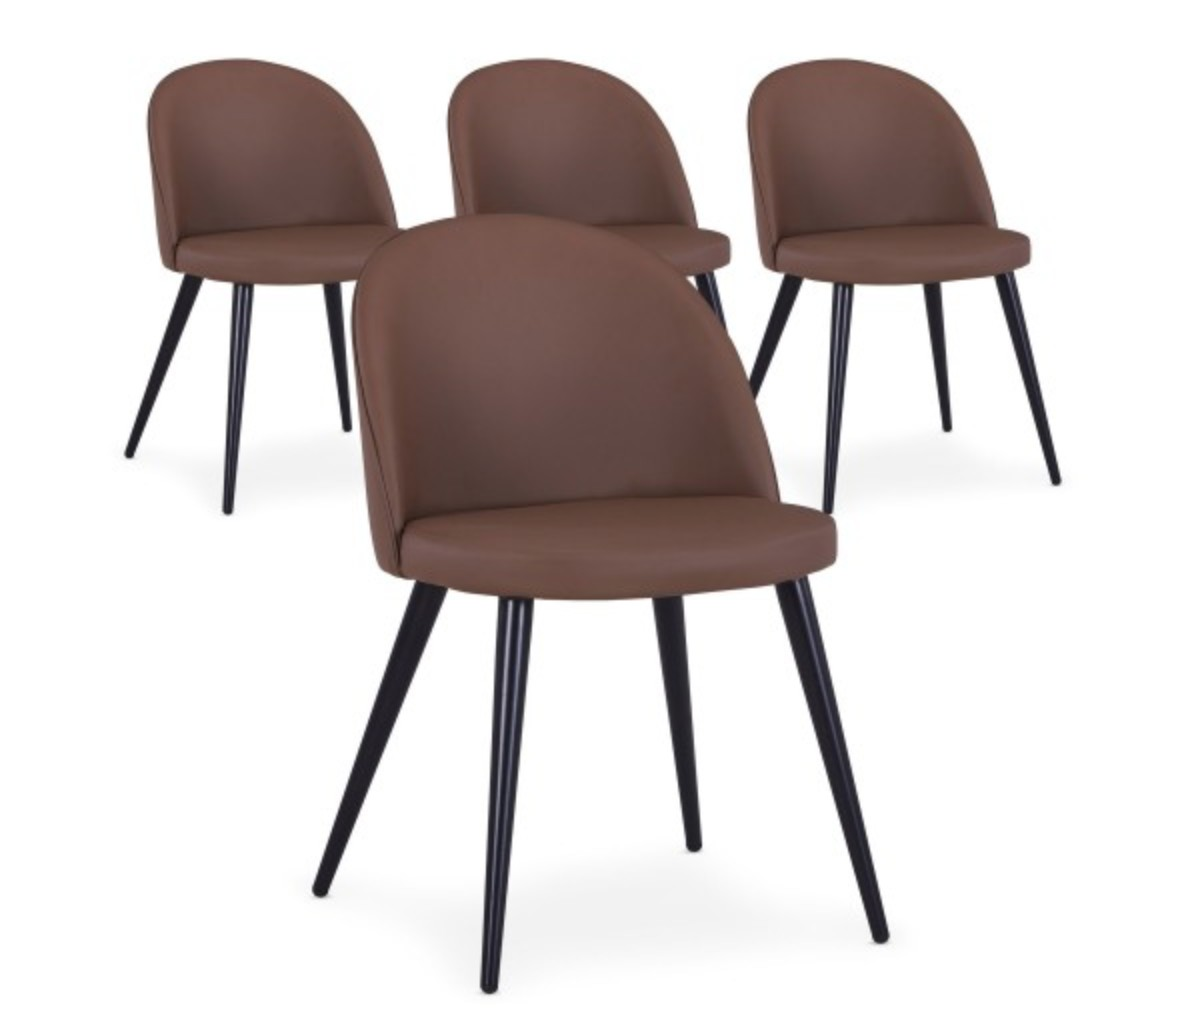 chaise scandinave simili cuir marron scary lot de 4